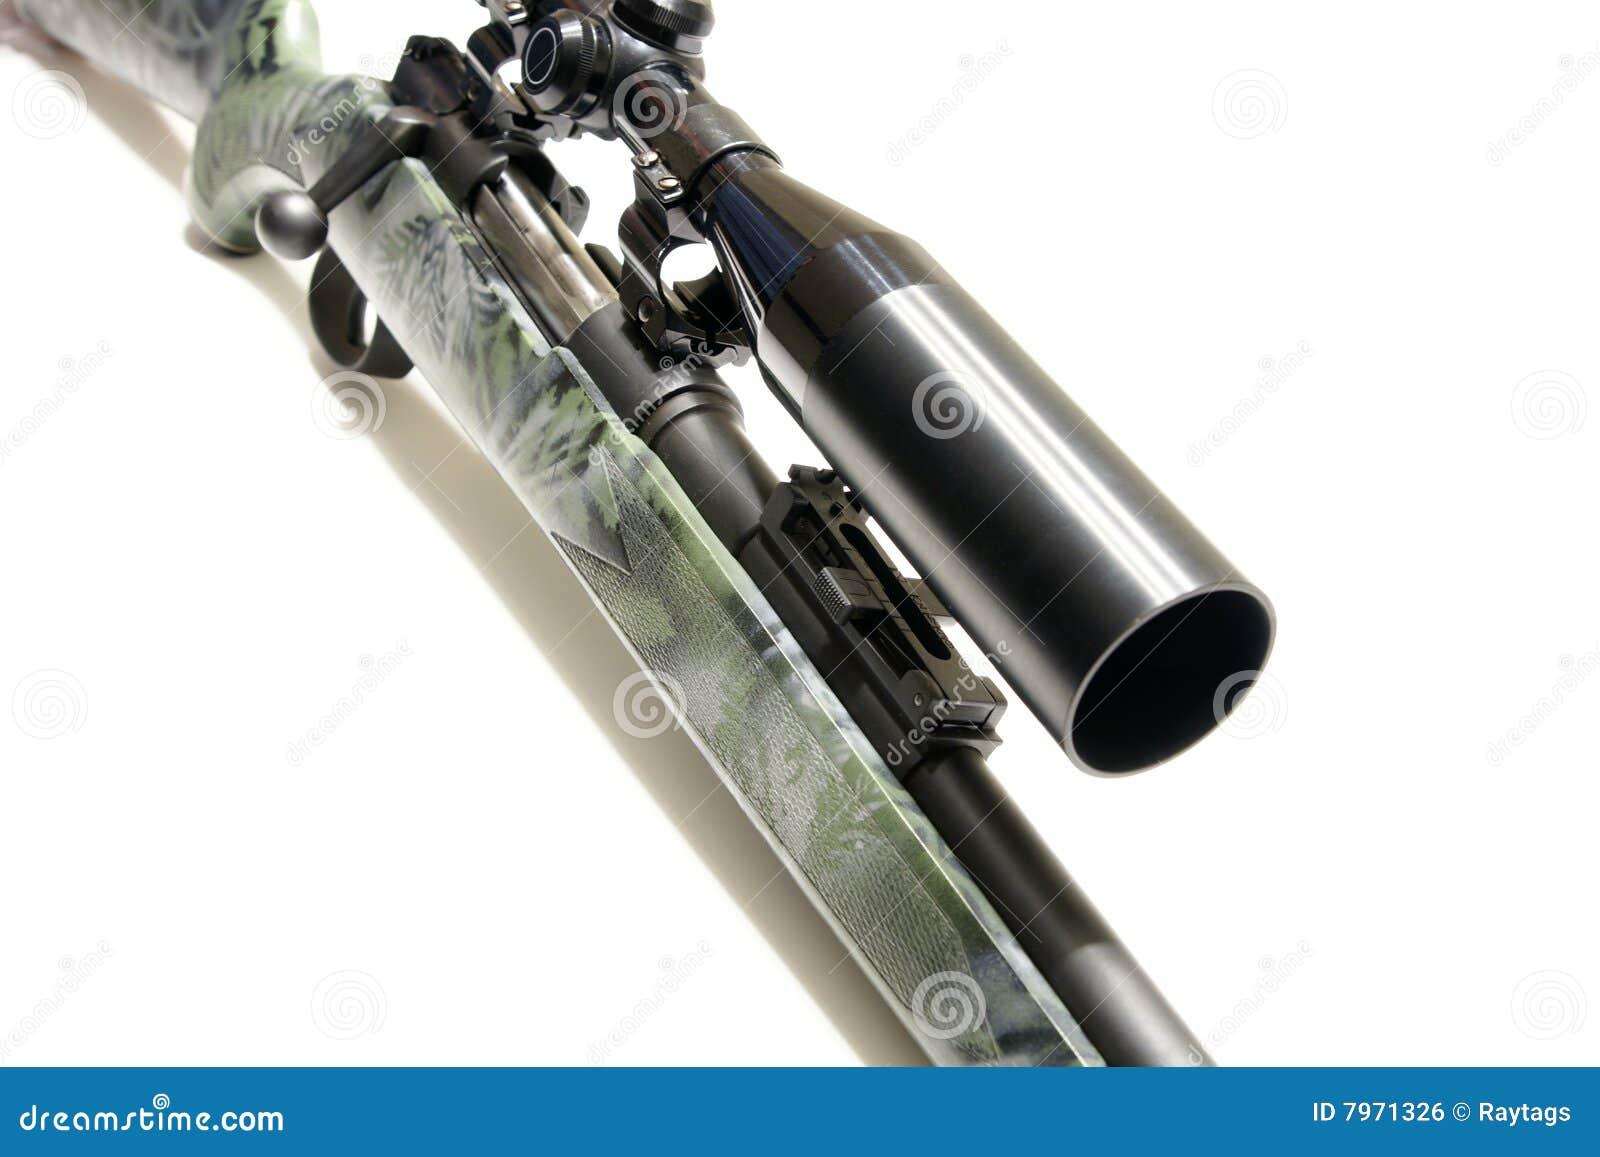 Fucile con portata